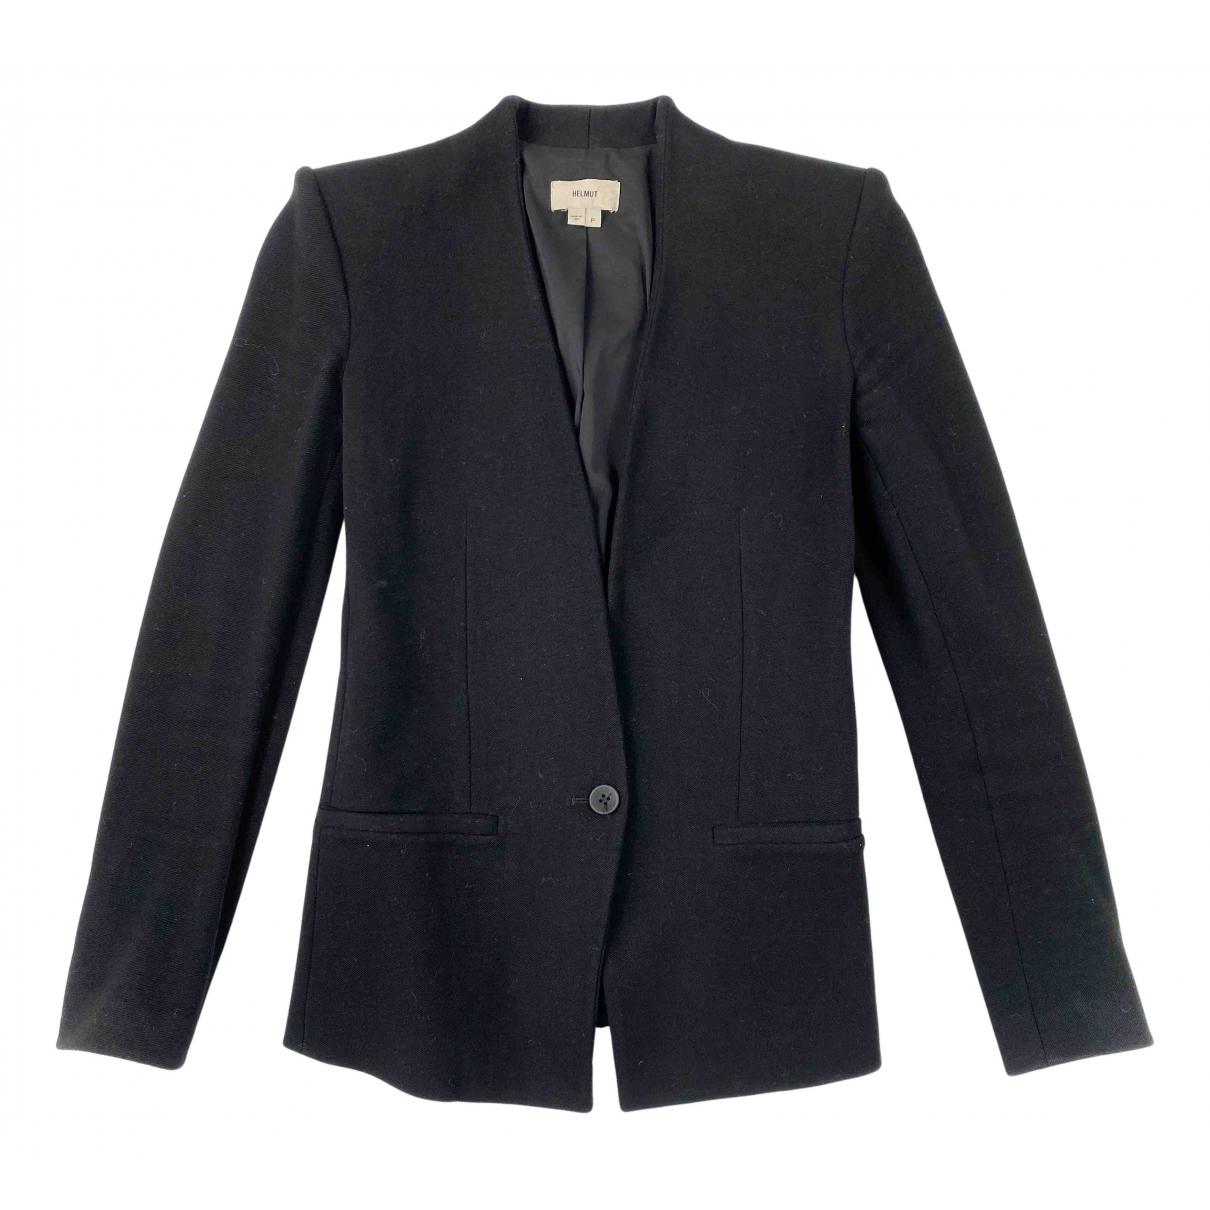 Helmut Lang N Black jacket for Women 8 UK